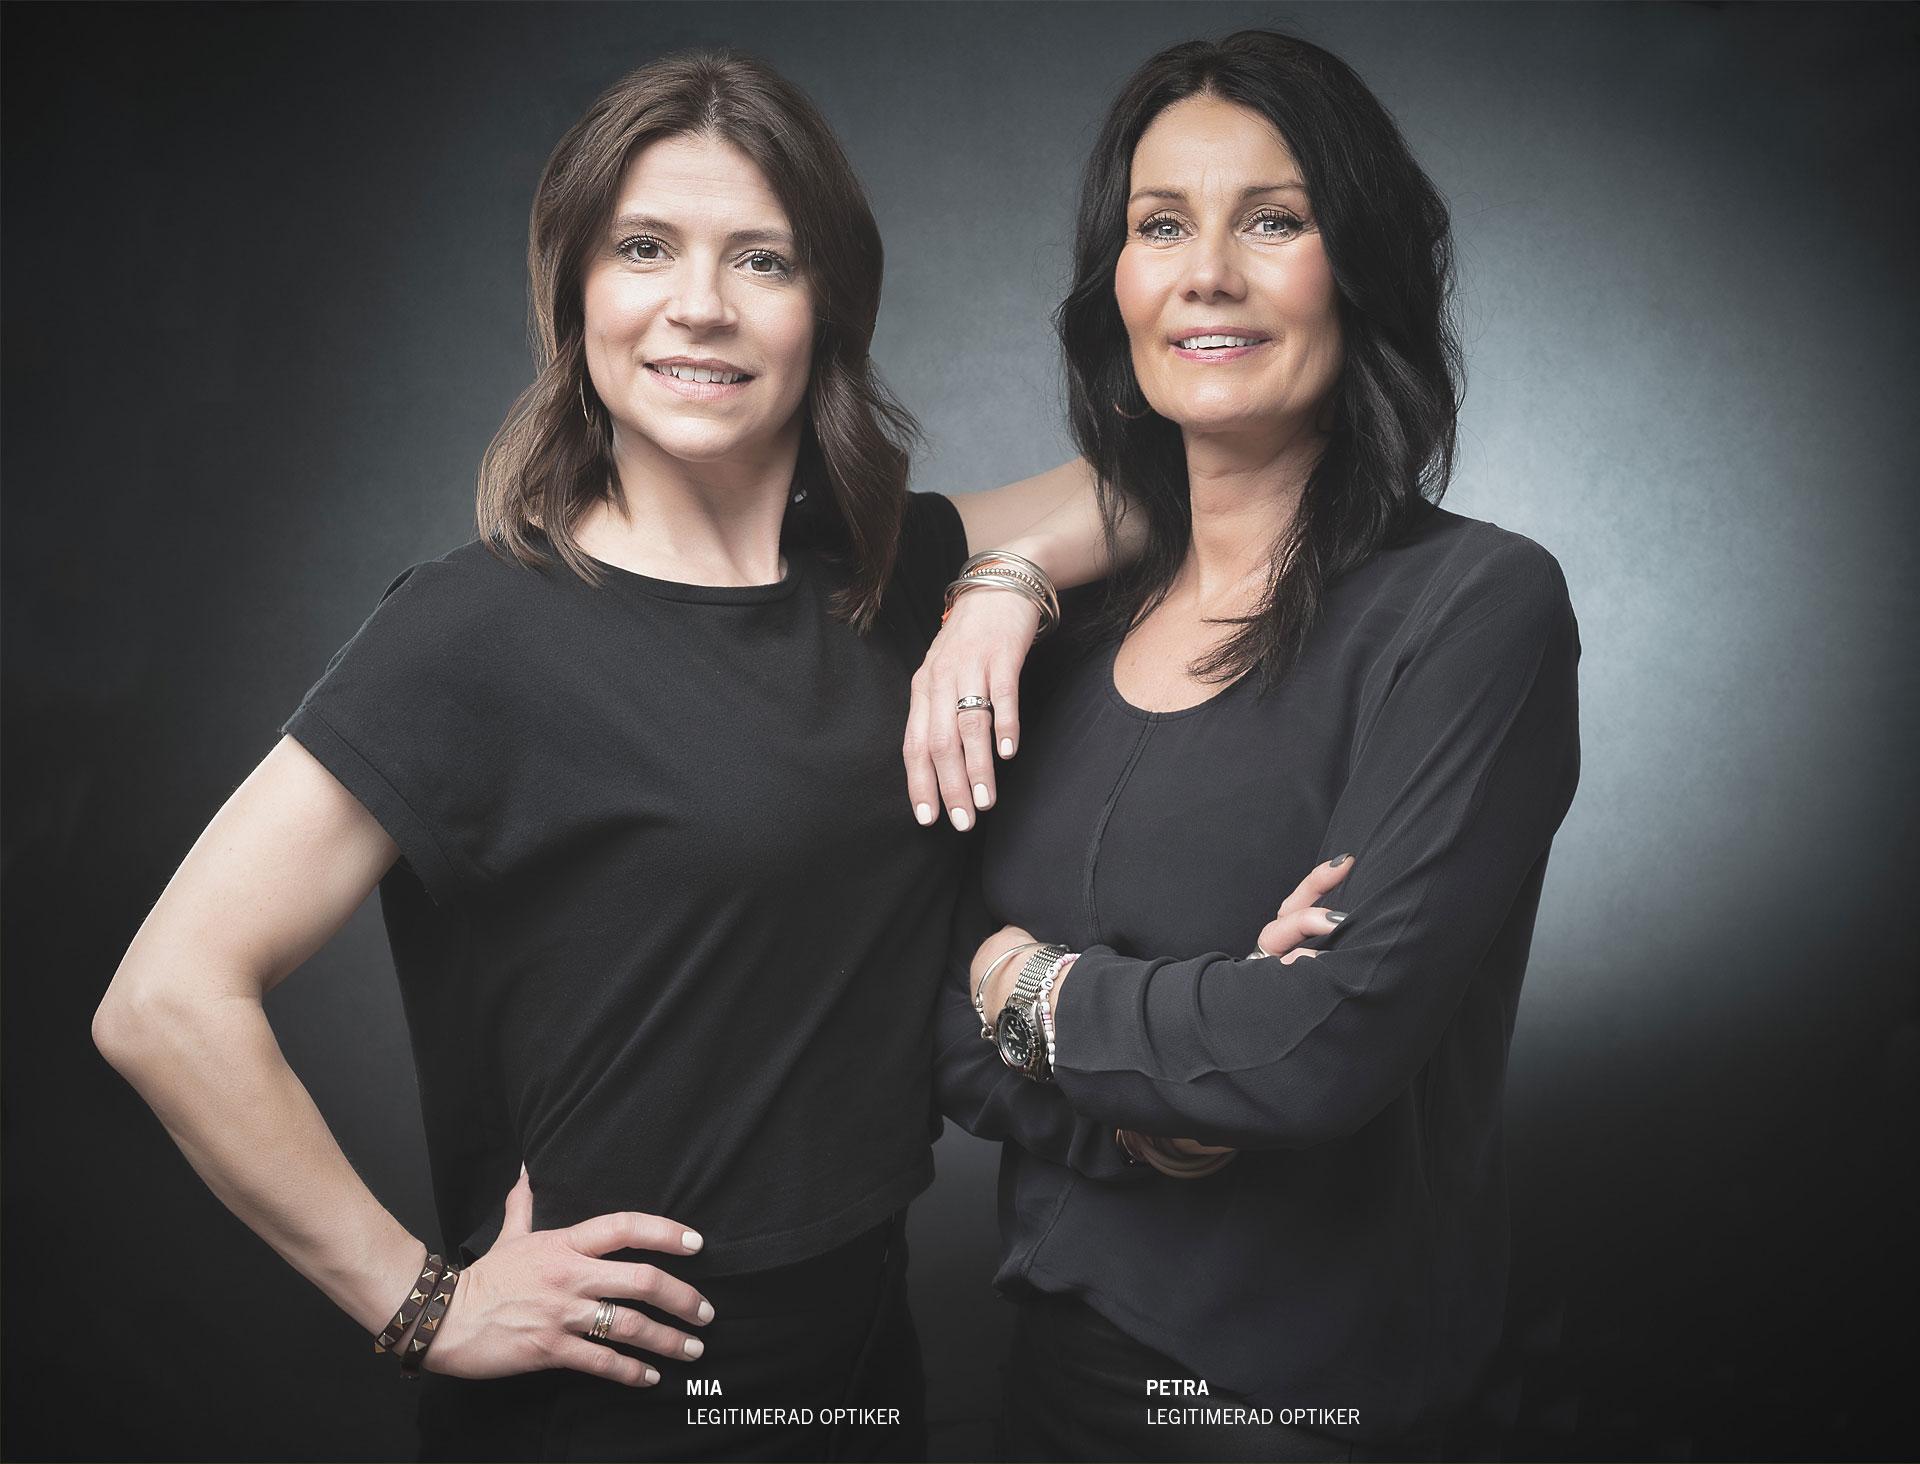 Petra och Mia